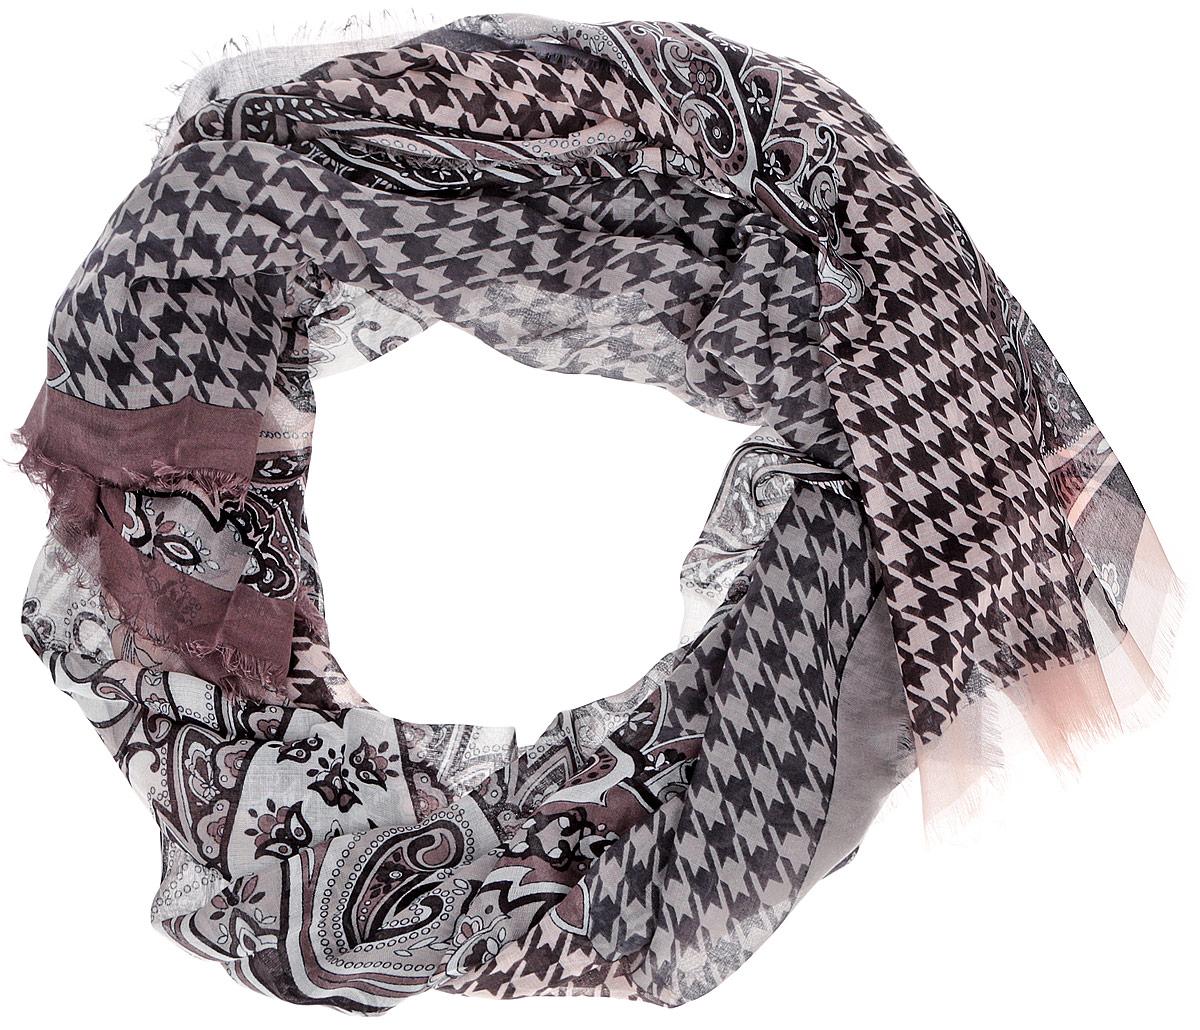 Шарф женский Leo Ventoni, цвет: бежевый, тауп. CX1516-55-6. Размер 180 см х 90 смCX1516-55-6Модный женский шарф Leo Ventoni подарит вам уют и станет стильным аксессуаром, который призван подчеркнуть вашу индивидуальность и женственность. Тонкий шарф выполнен из высококачественного 100% модала, он невероятно мягкий и приятный на ощупь. Шарф оформлен тонкой бахромой по краю и украшен принтом в мелкую клетку с изображением изысканных этнических узоров.Этот модный аксессуар гармонично дополнит образ современной женщины, следящей за своим имиджем и стремящейся всегда оставаться стильной и элегантной. Такой шарф украсит любой наряд и согреет вас в непогоду, с ним вы всегда будете выглядеть изысканно и оригинально.